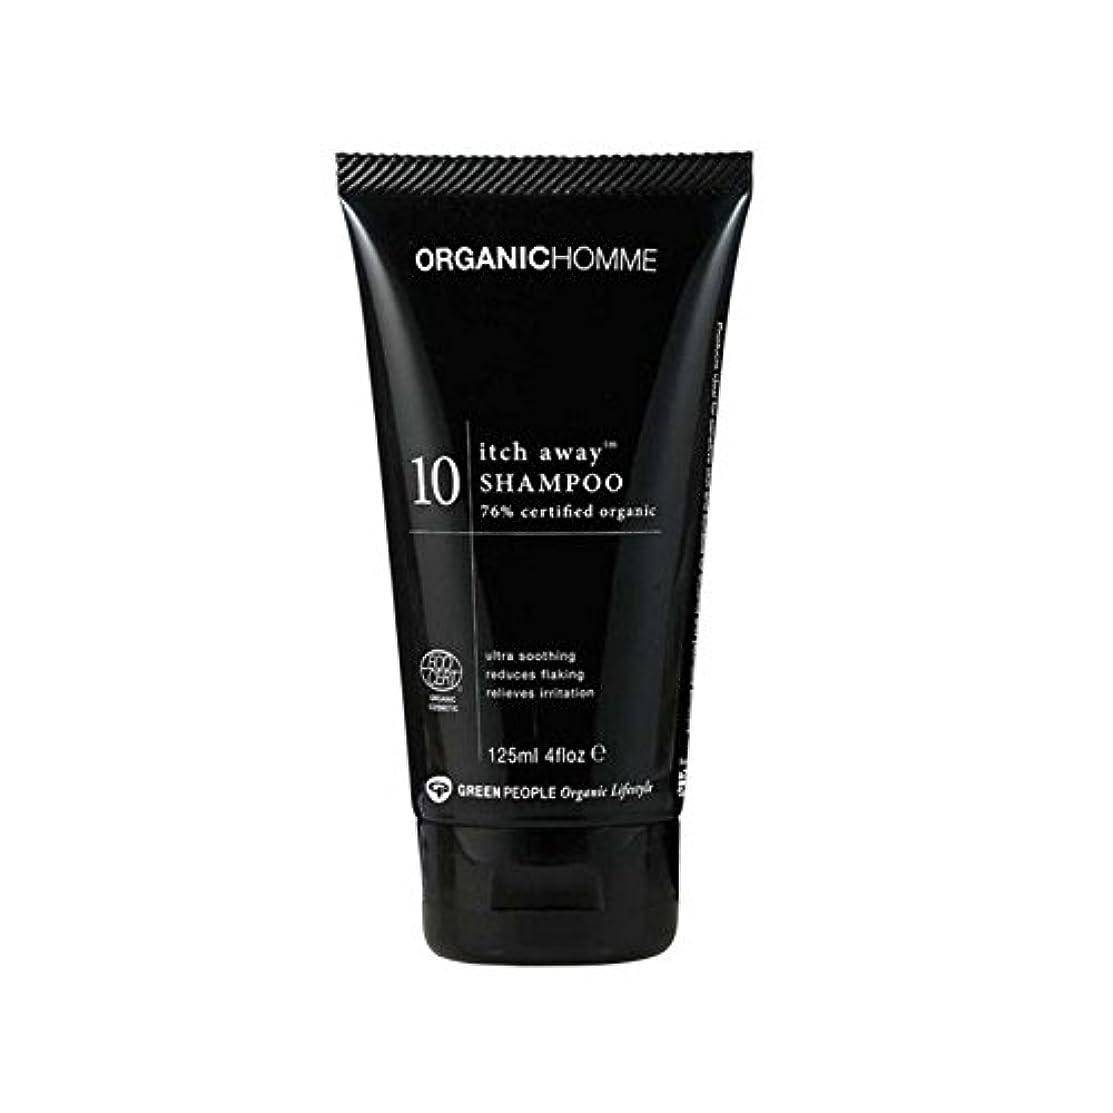 高く空港ボアGreen People Organic Homme 10 Itch Away Shampoo (125ml) - 緑の人々の有機オム10かゆみ離れシャンプー(125ミリリットル) [並行輸入品]